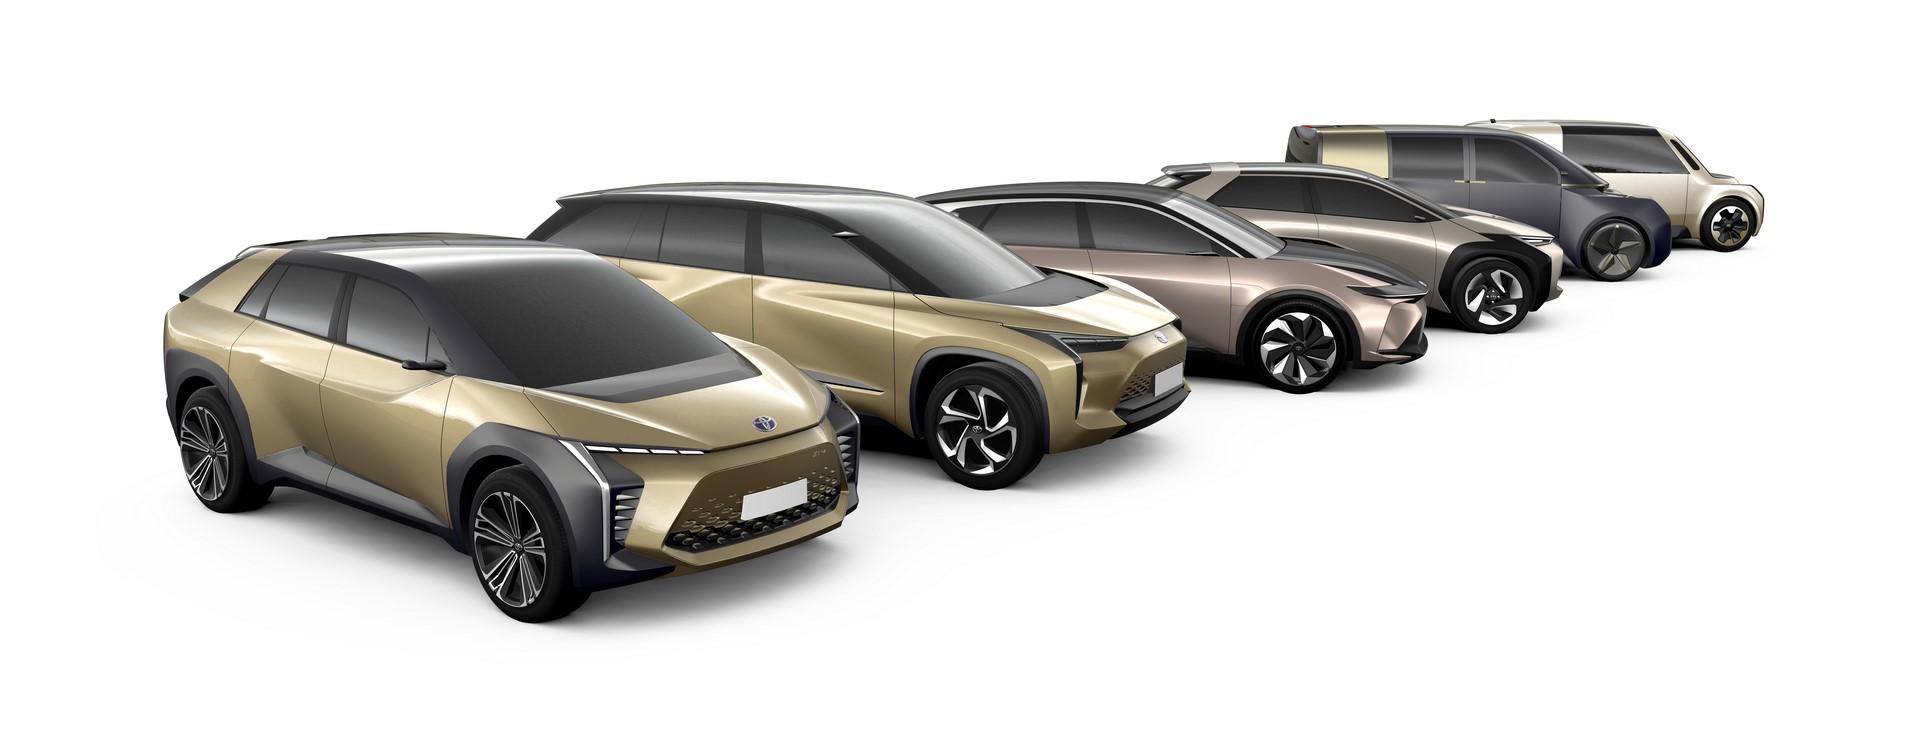 Toyota-EV-plan-56